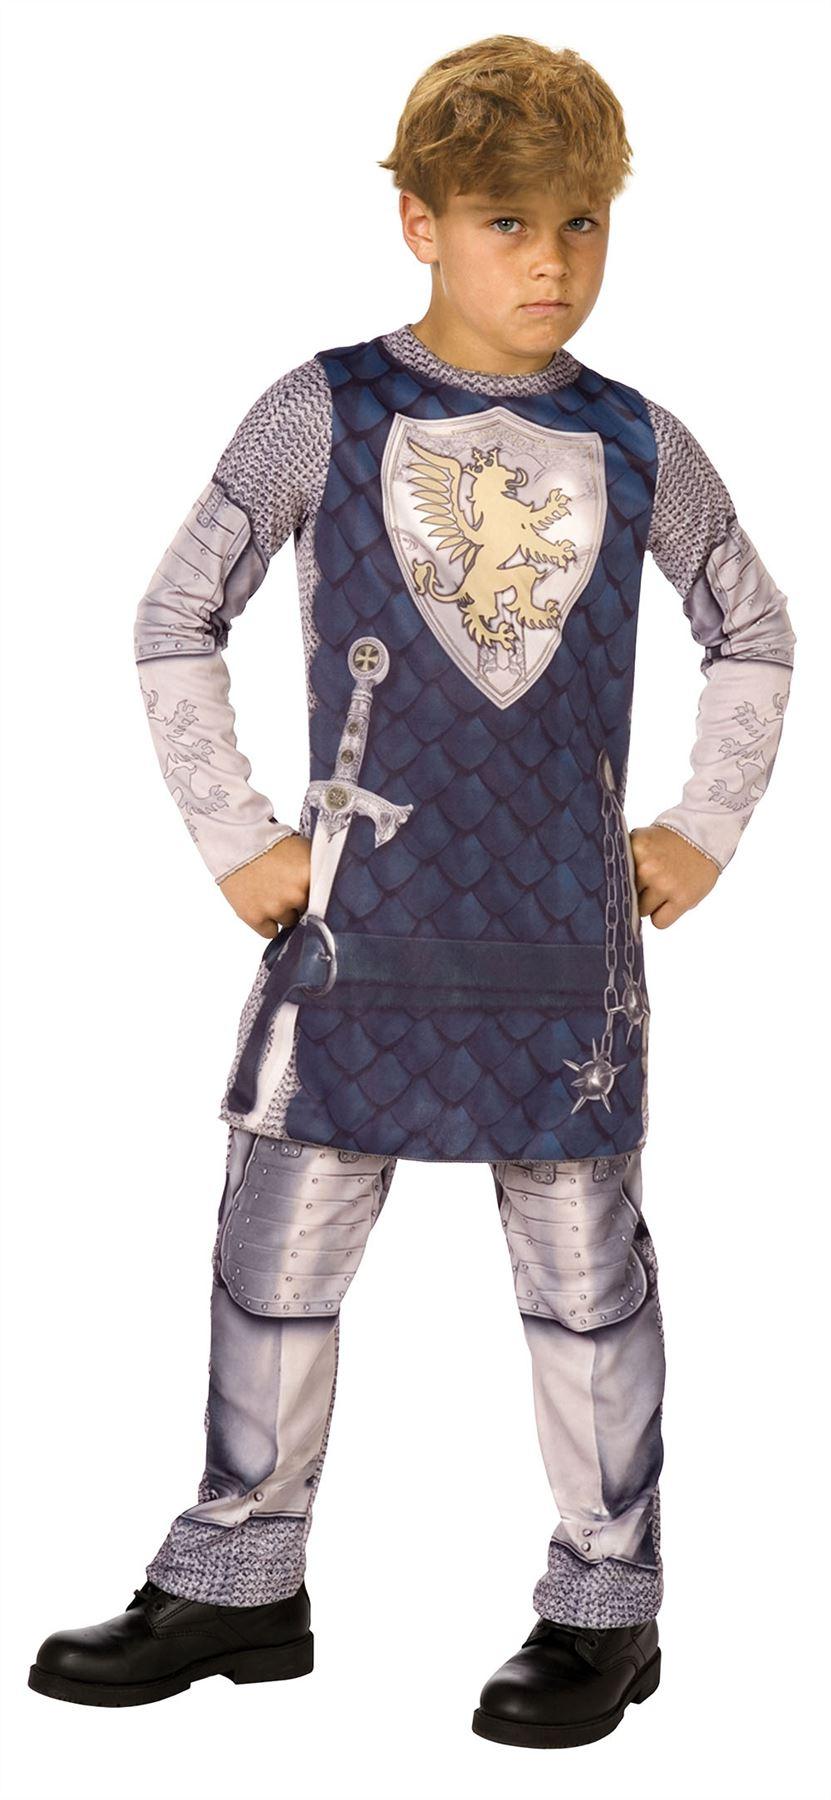 Boys Kids Medieval Tudor King 3d Knight Fancy Dress Up  sc 1 st  Meningrey & Knights Dressing Up Costume - Meningrey